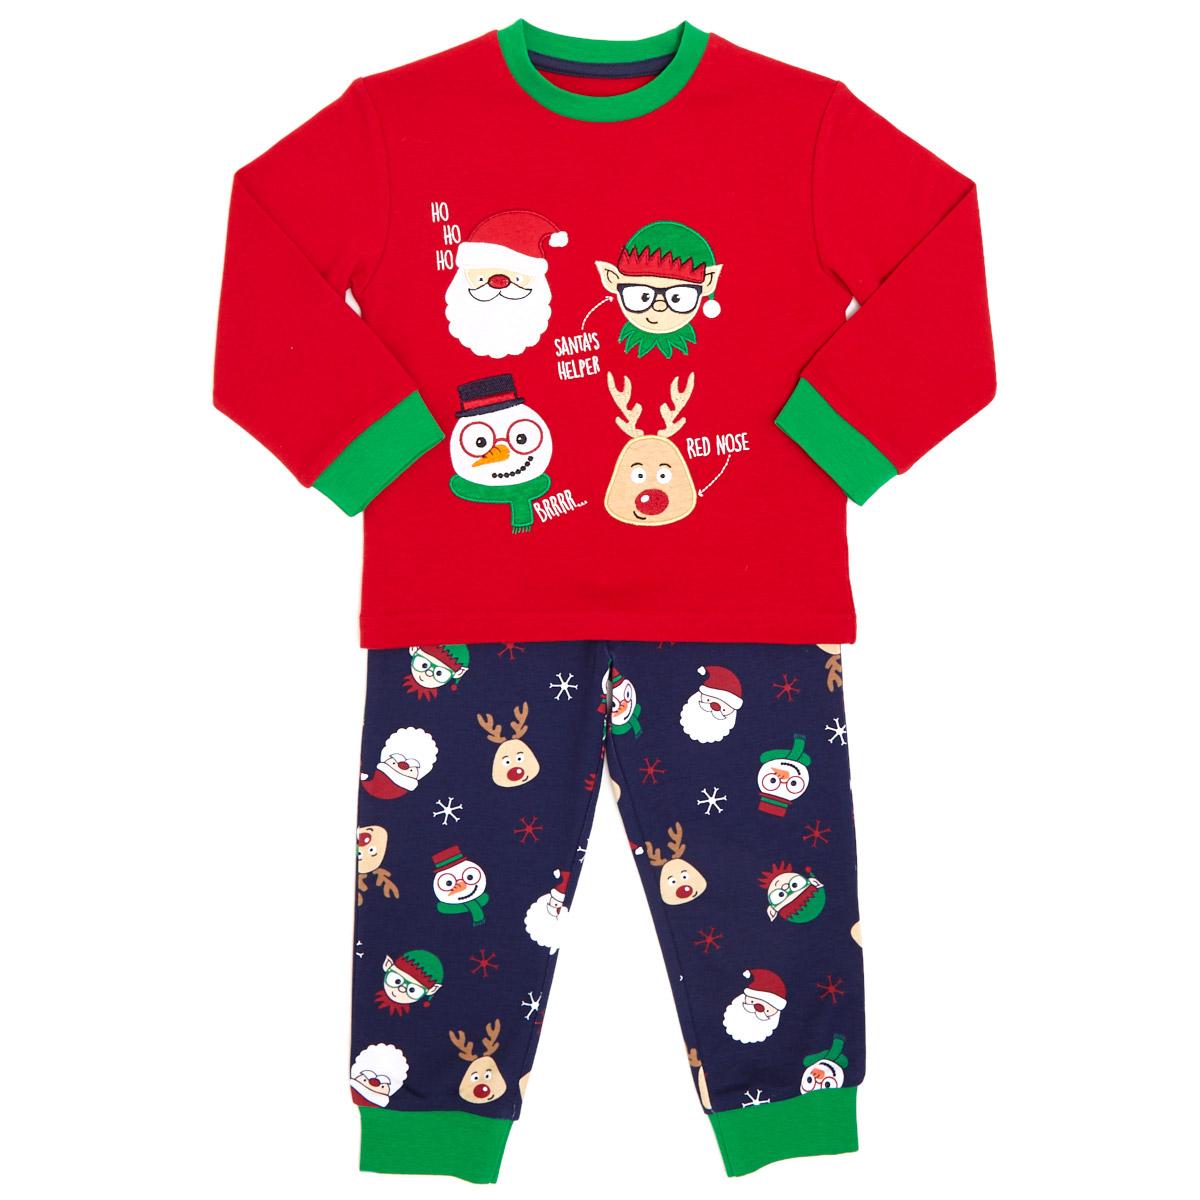 Boys Christmas Pajamas.Boys Christmas Pyjamas